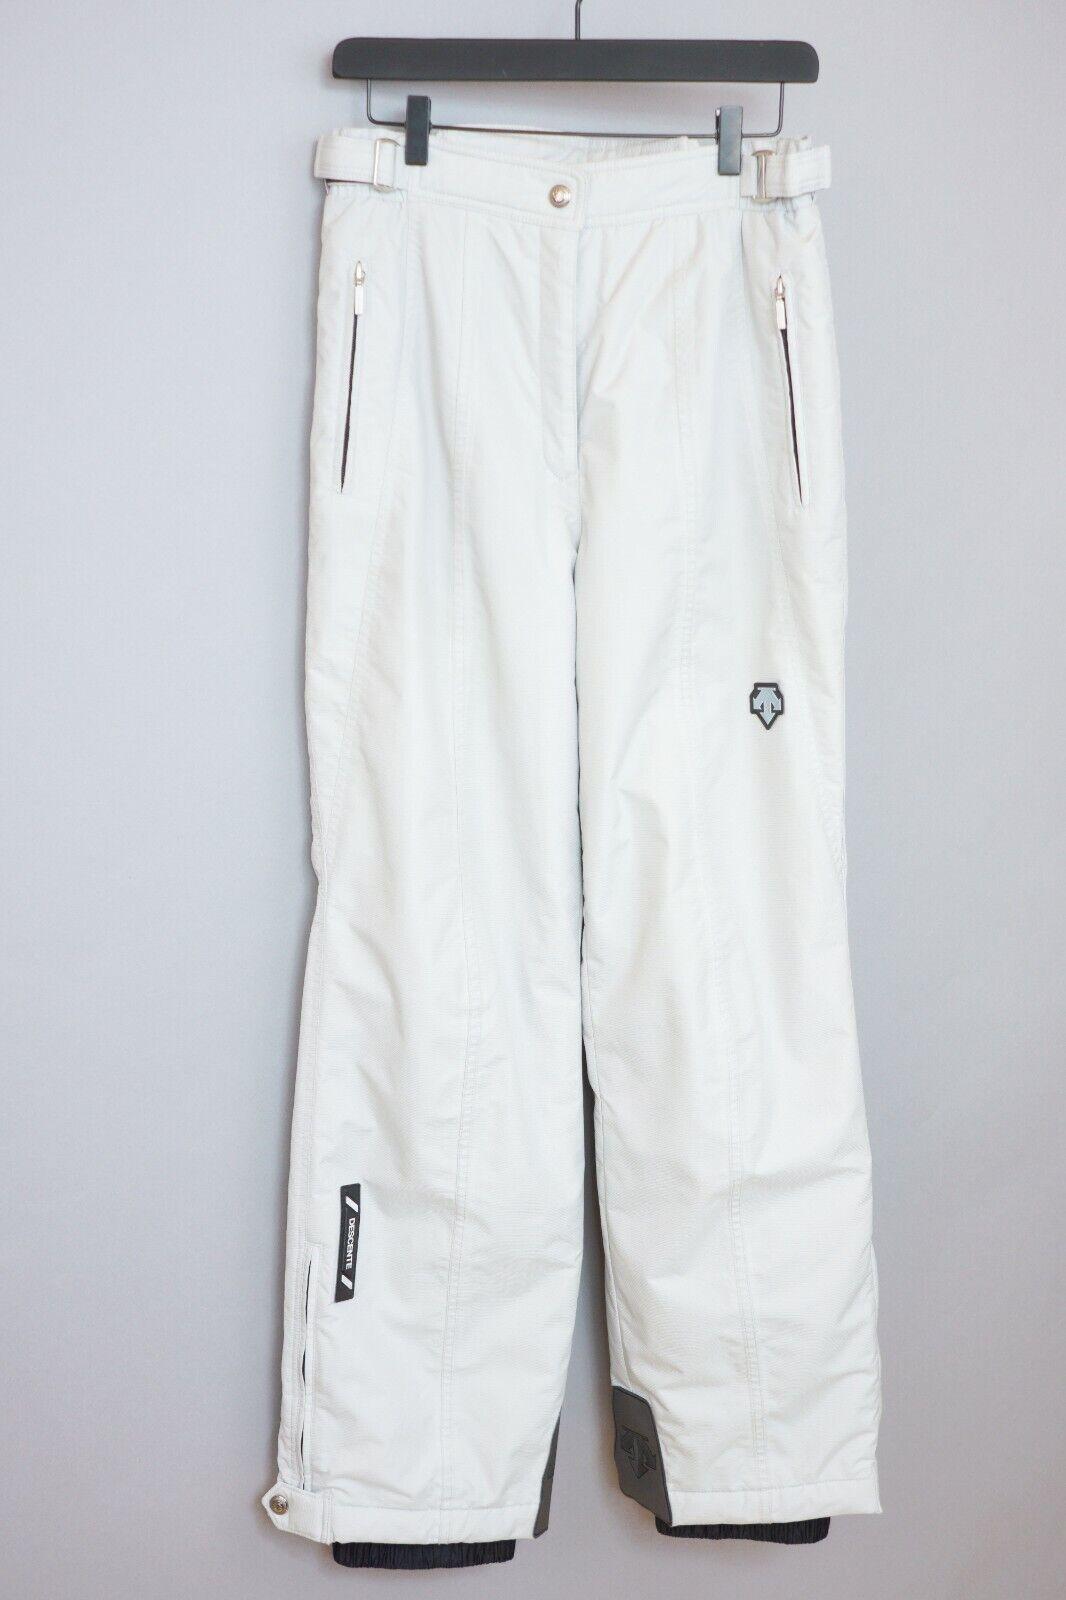 Women Descente Trousers Snowboarding Skiing Waterproof W32 L32 XIJ616